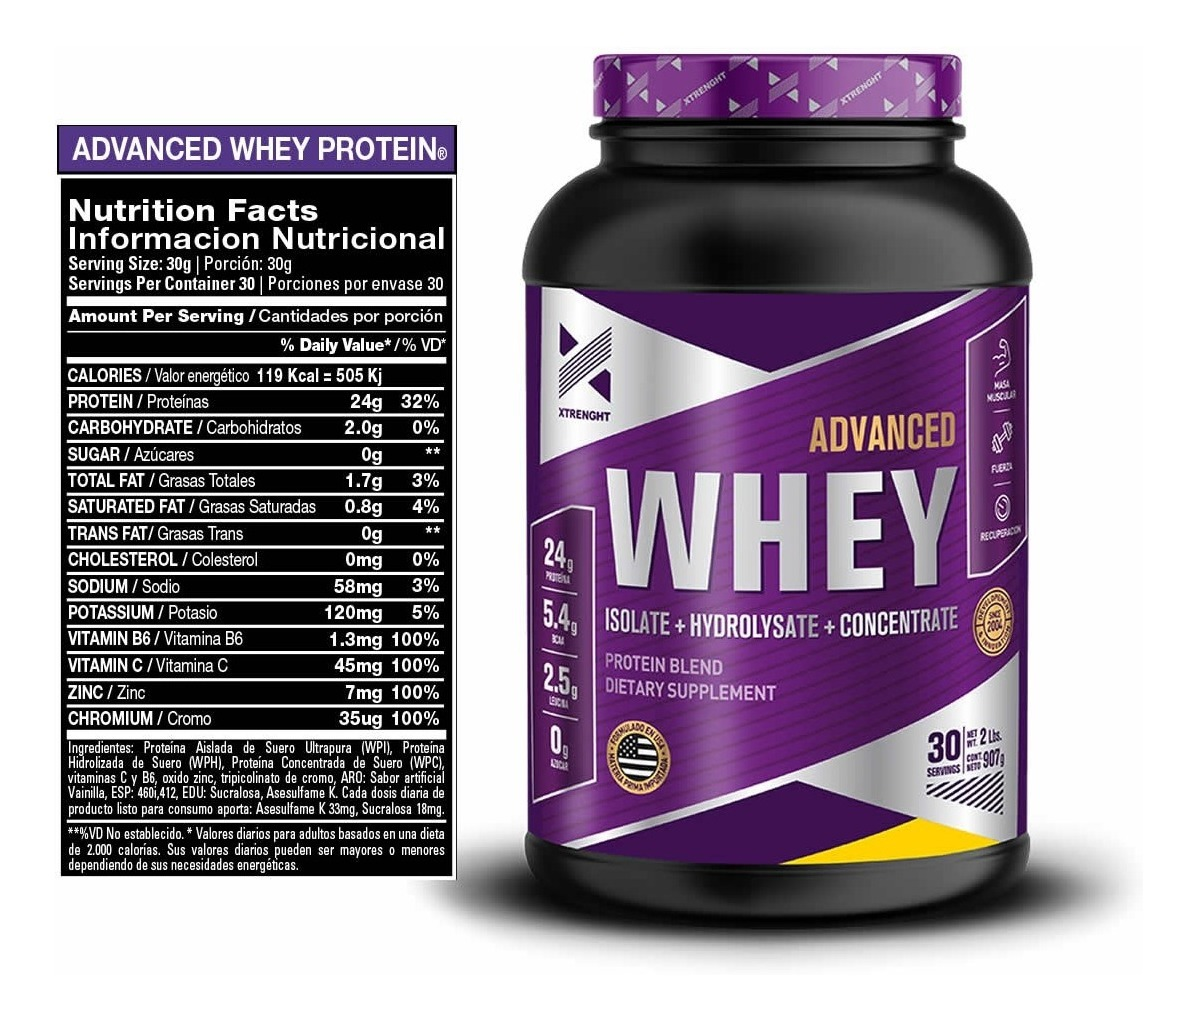 Resultado de imagen para xtrenght whey protein advanced informacion nutricional